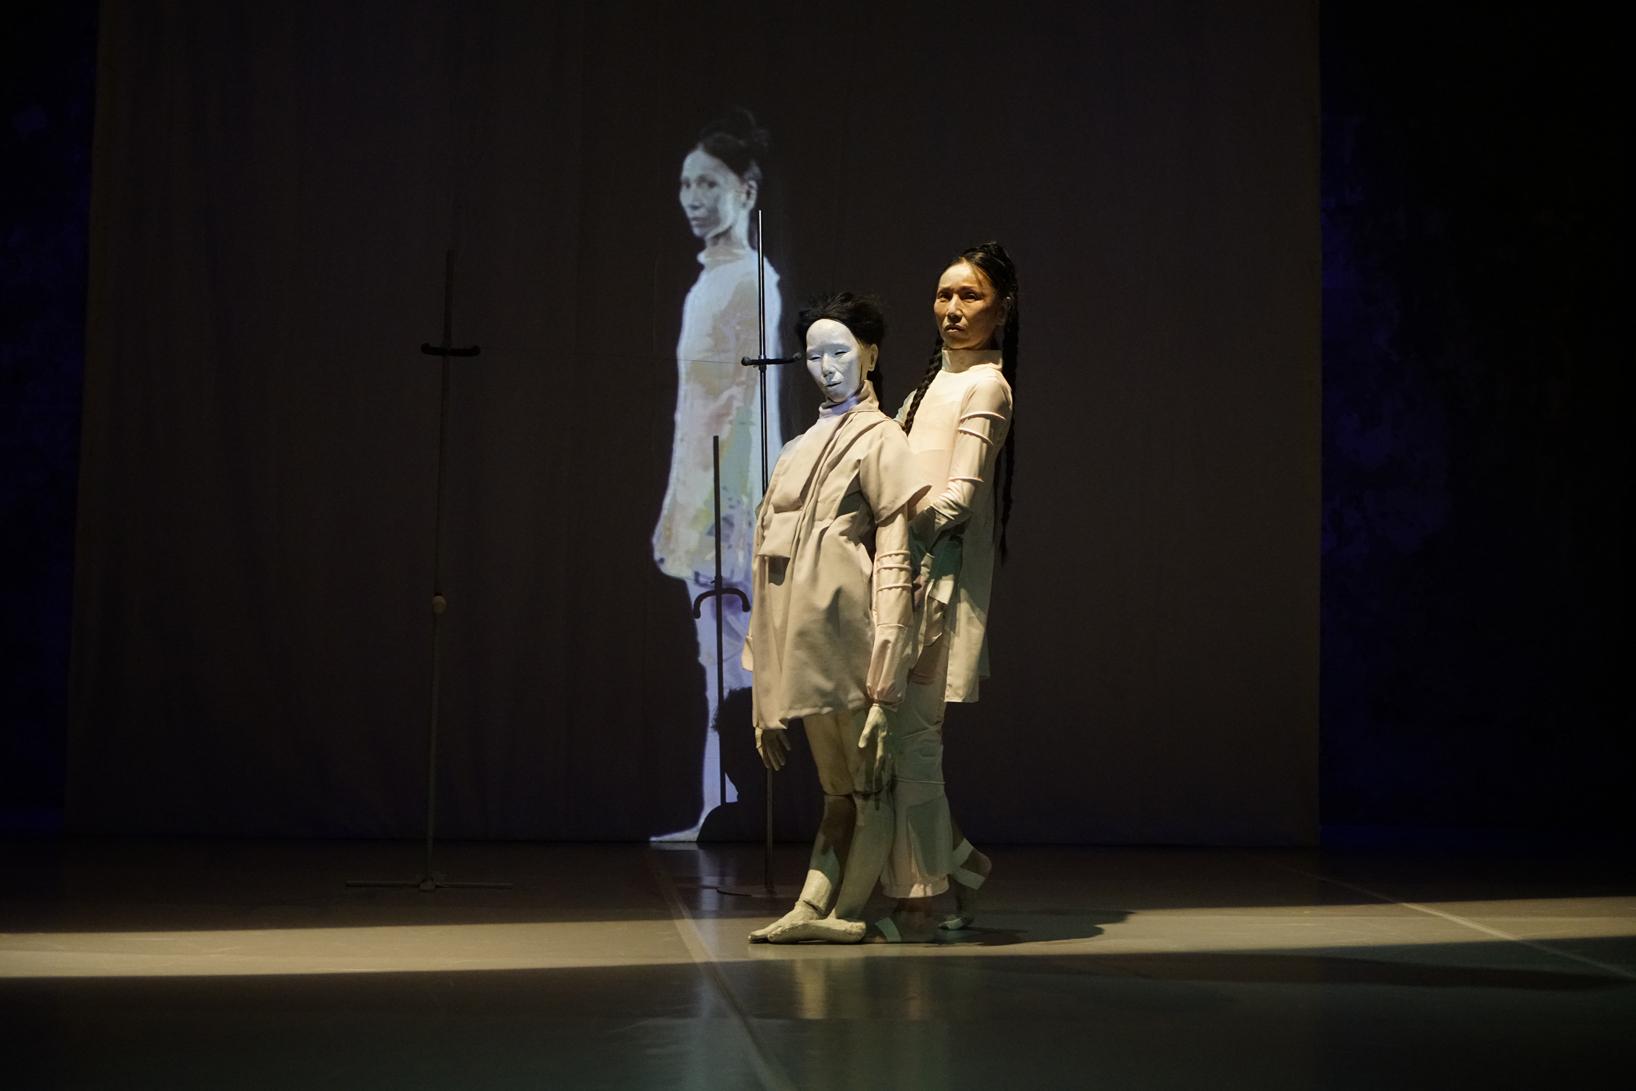 Human Form II - Puppets